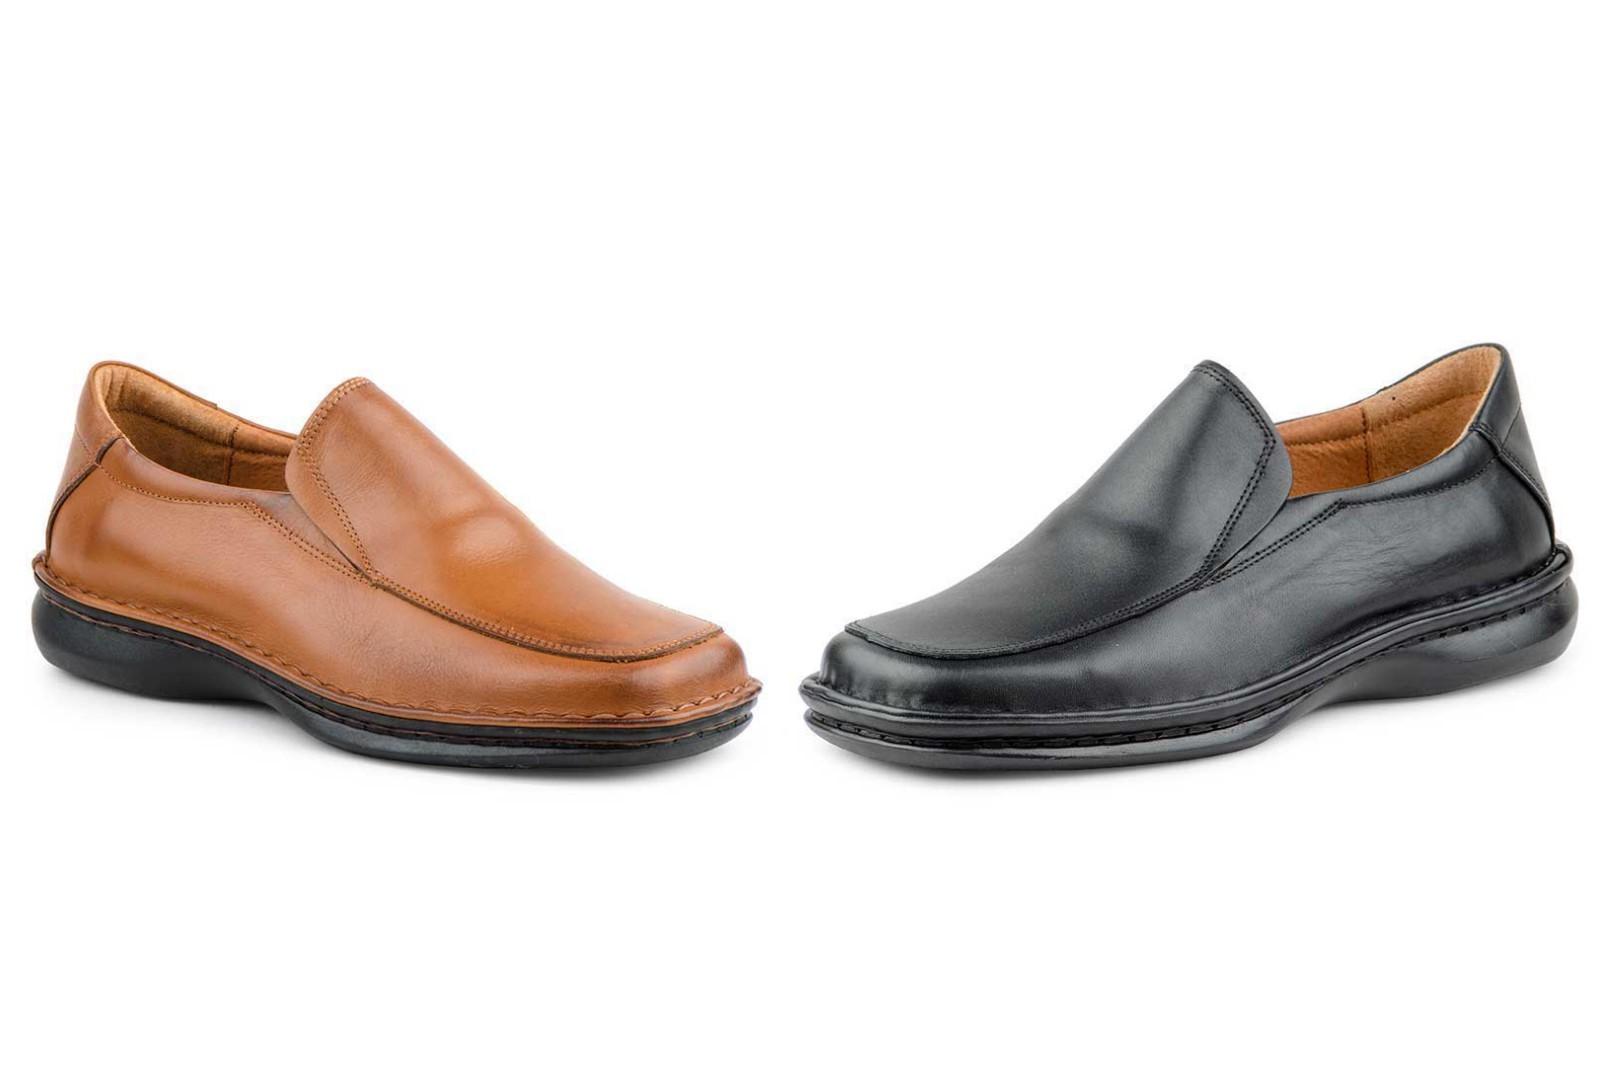 82d429bd Zapatos Crispinos Hombre Piel Negro Marrón Tallas Grandes CACTUS-60101XXL  69,90 €